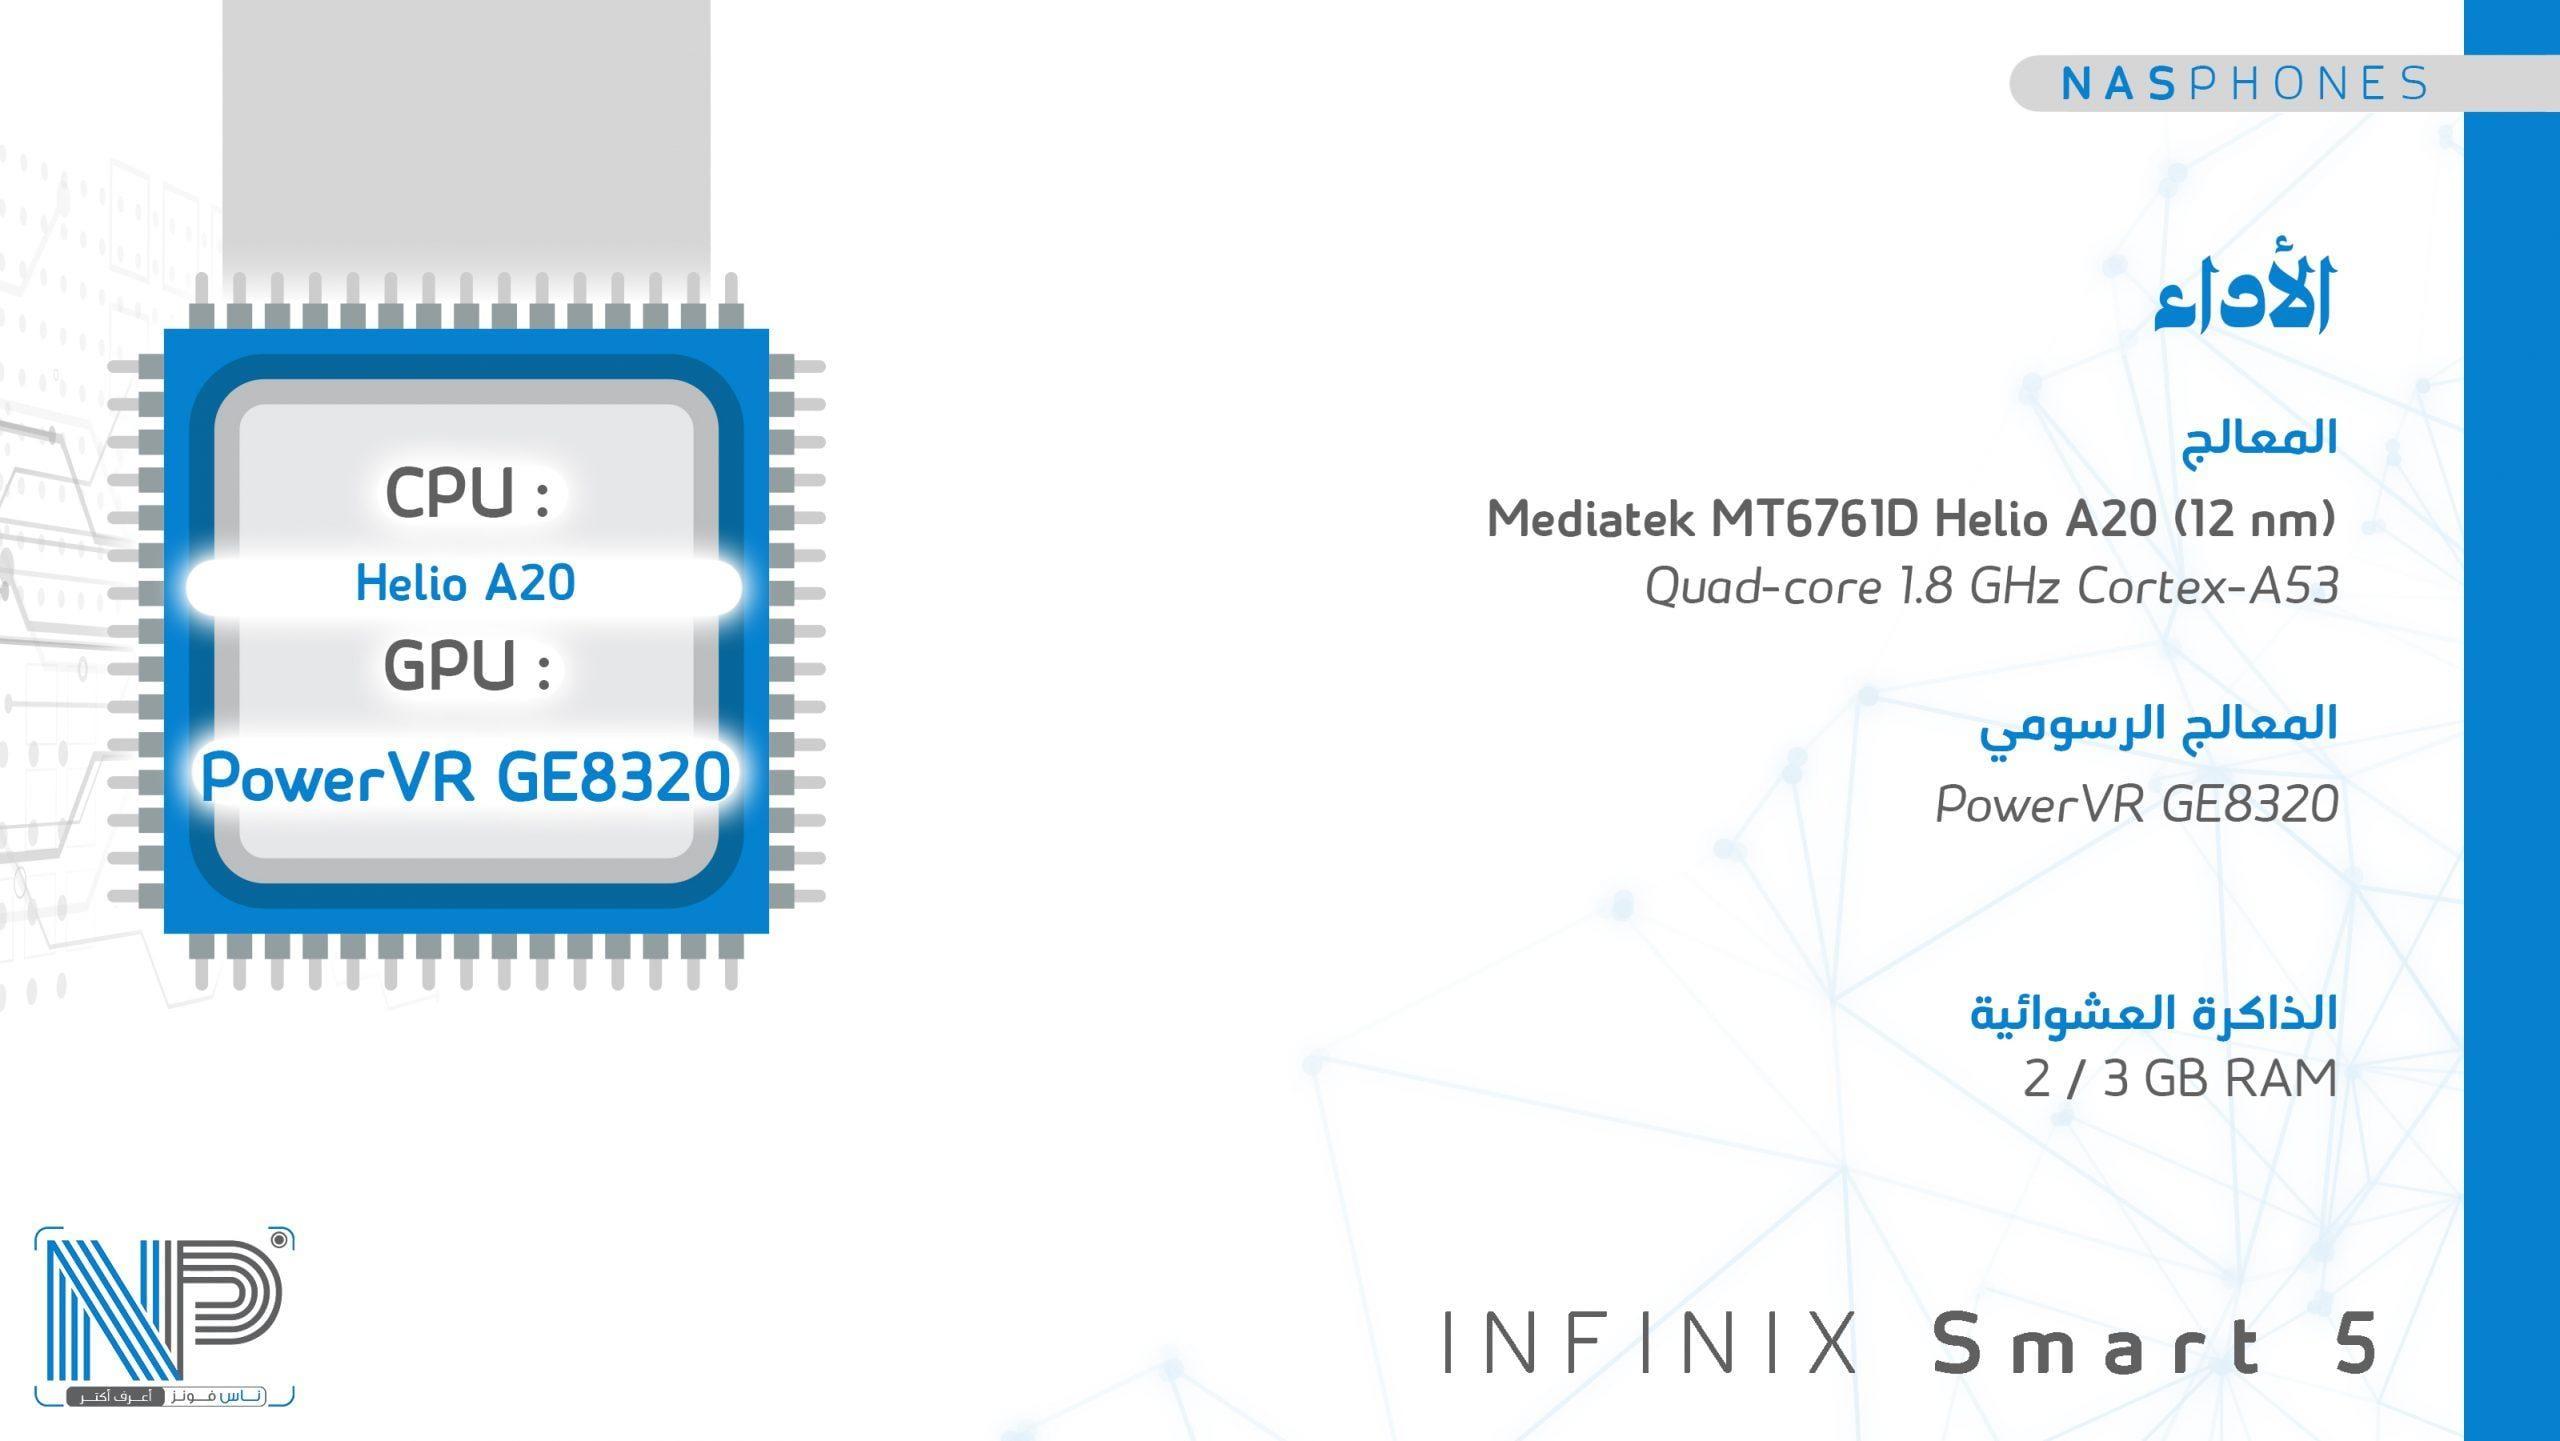 أداء موبايل infinix Smart 5